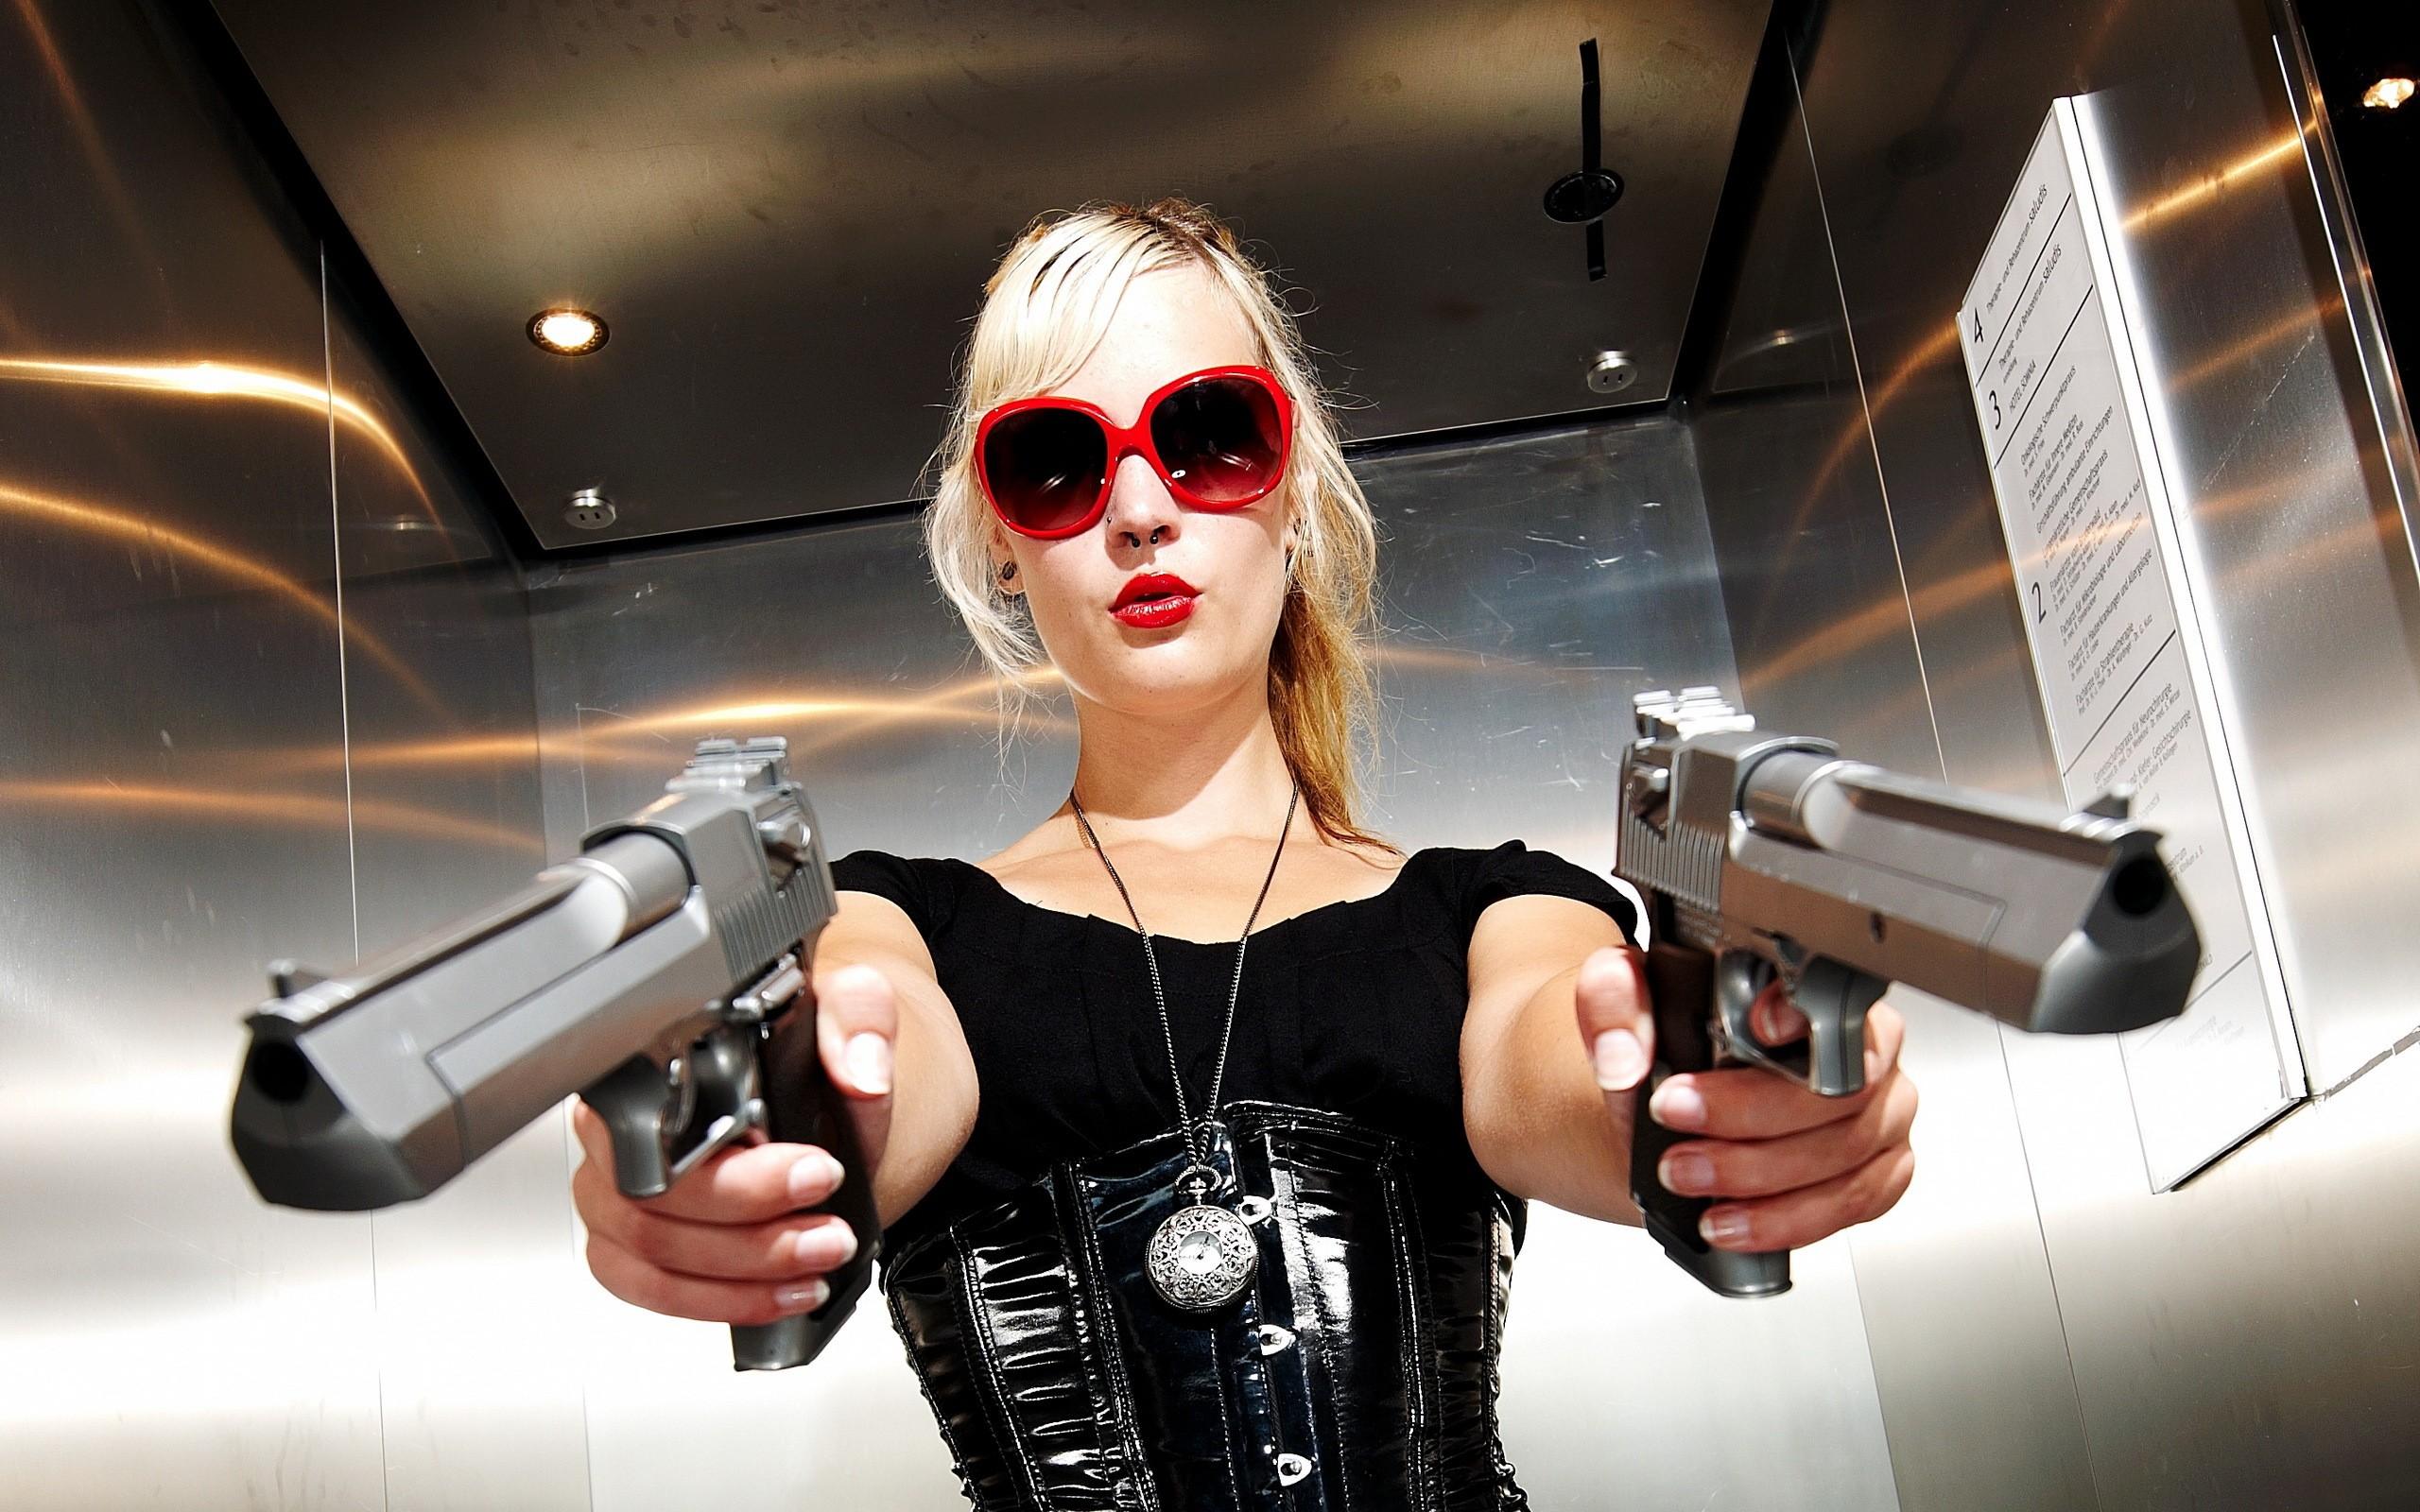 Una rubia con dos pistolas - 2560x1600